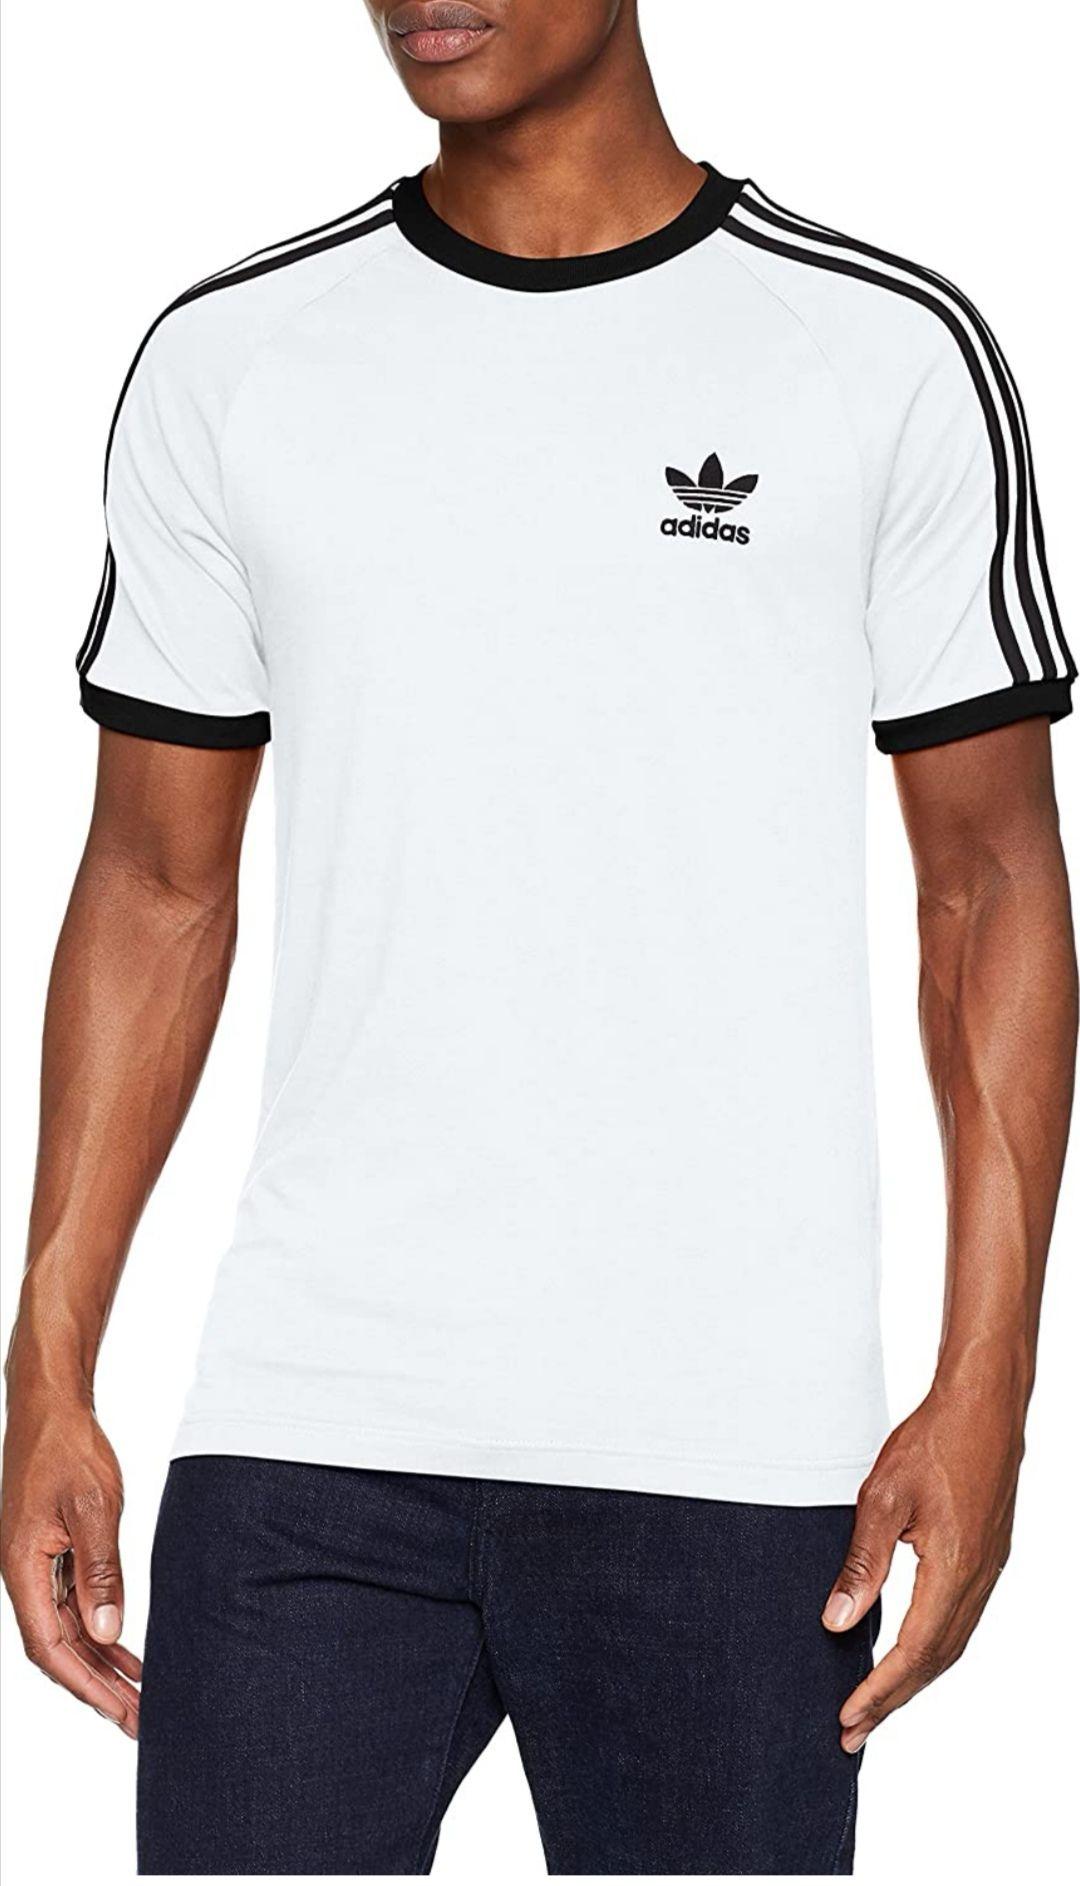 Camiseta Adidas Originals talla S